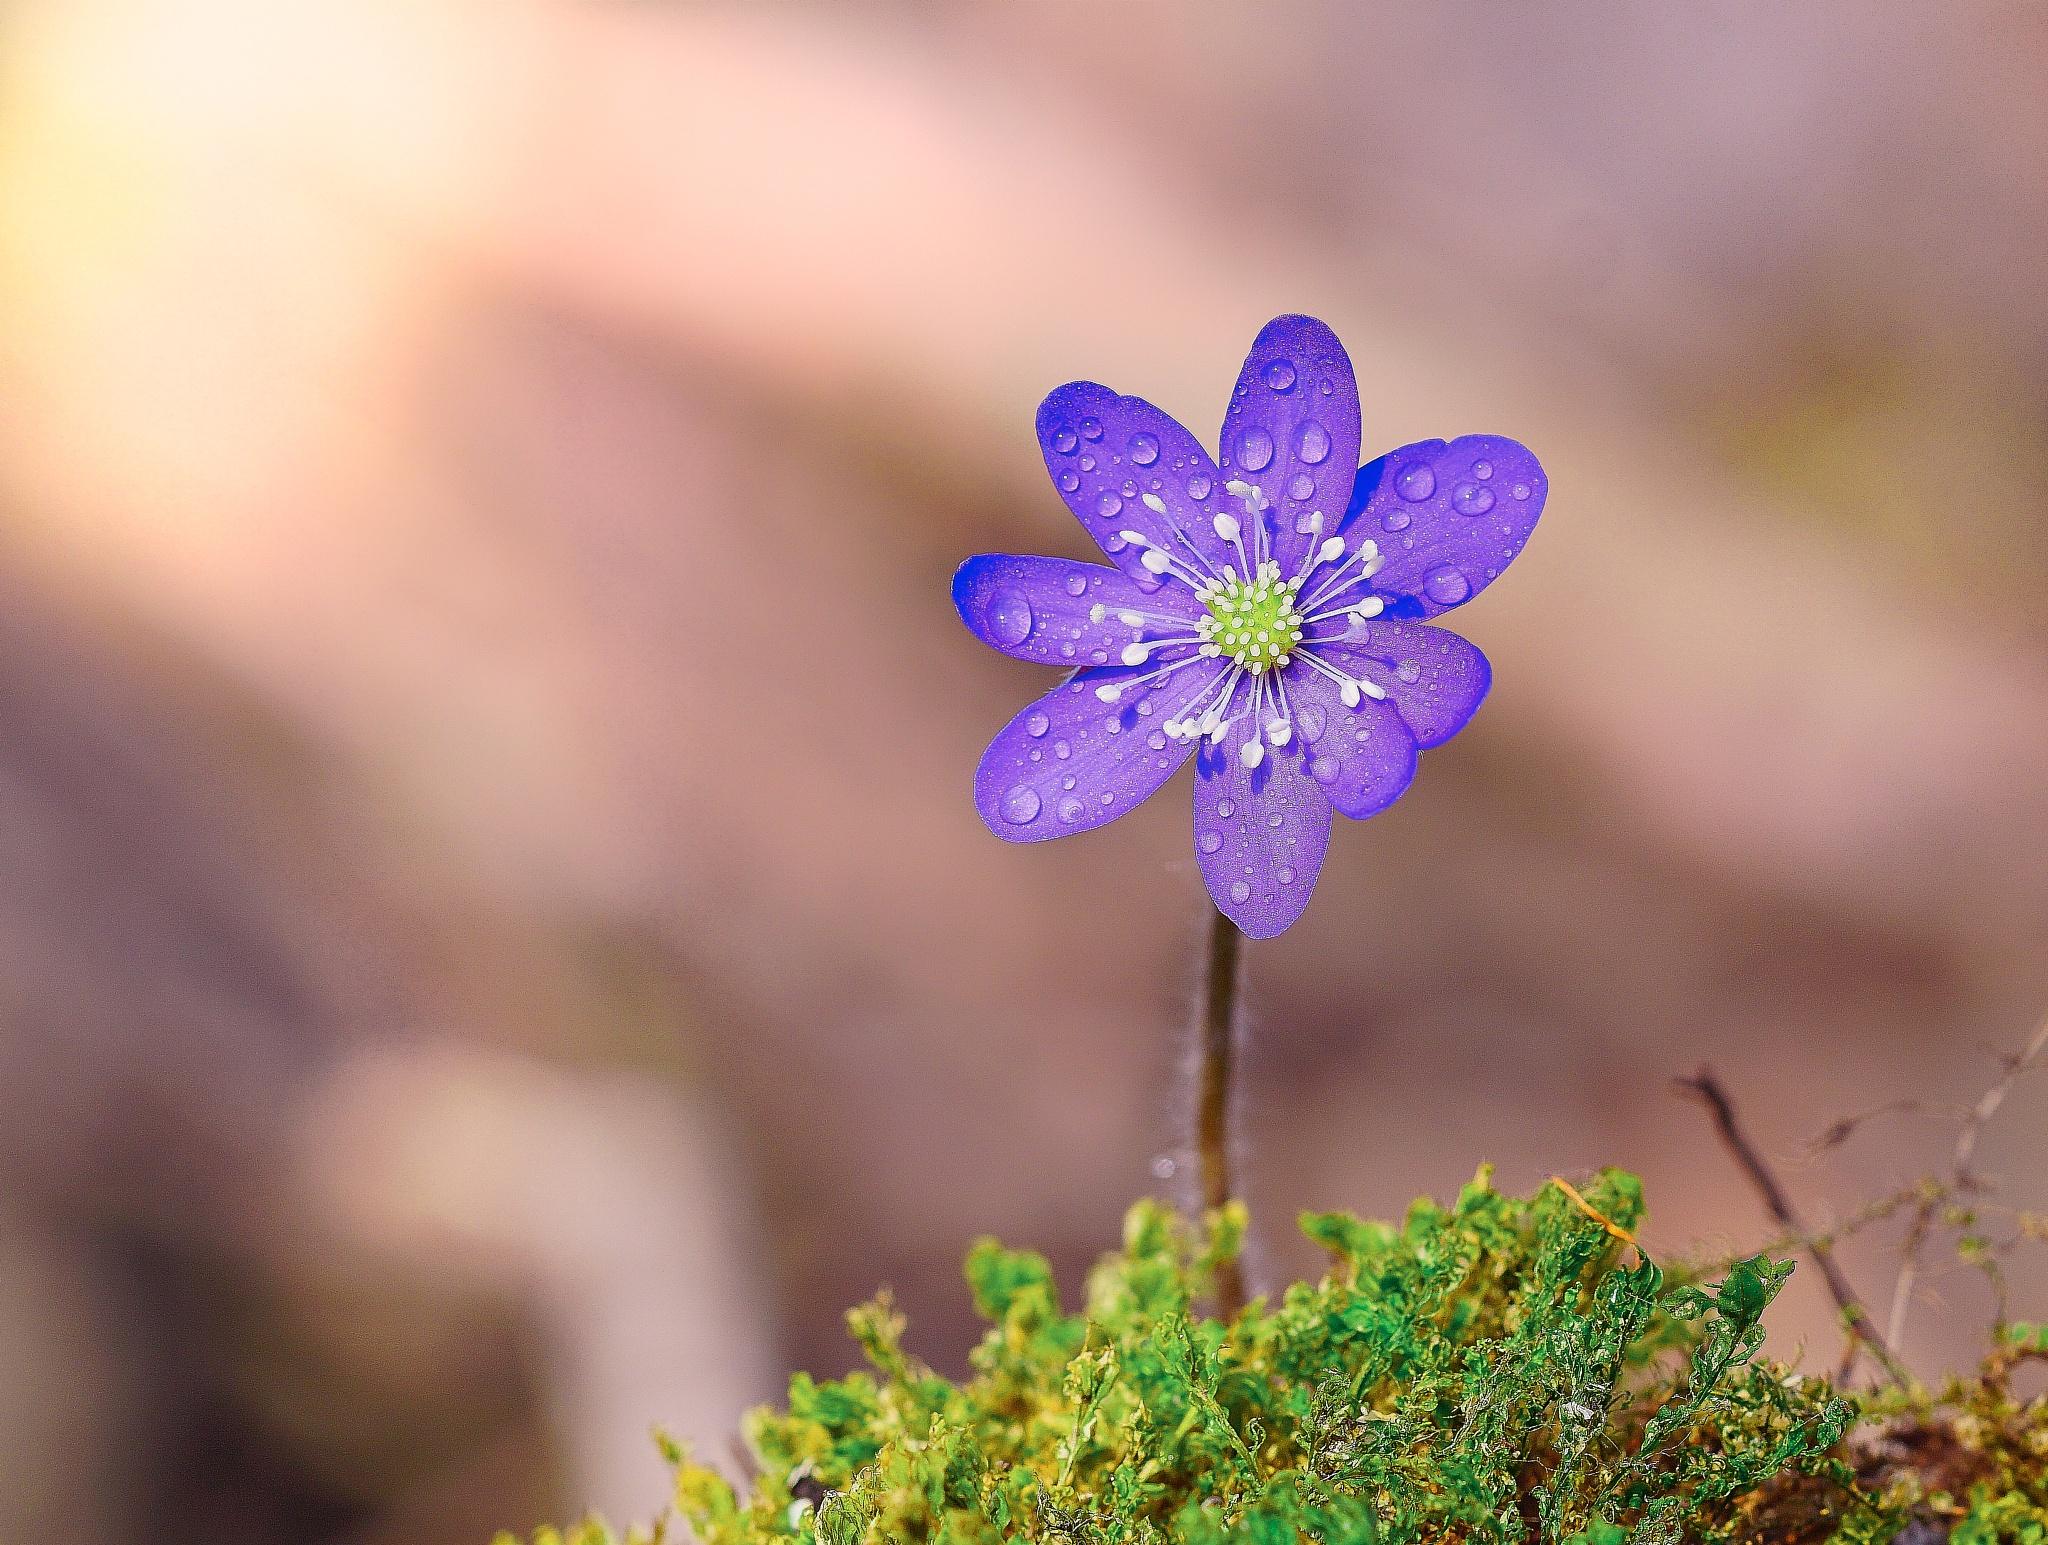 Anemone Hepatica by Niclaskrog